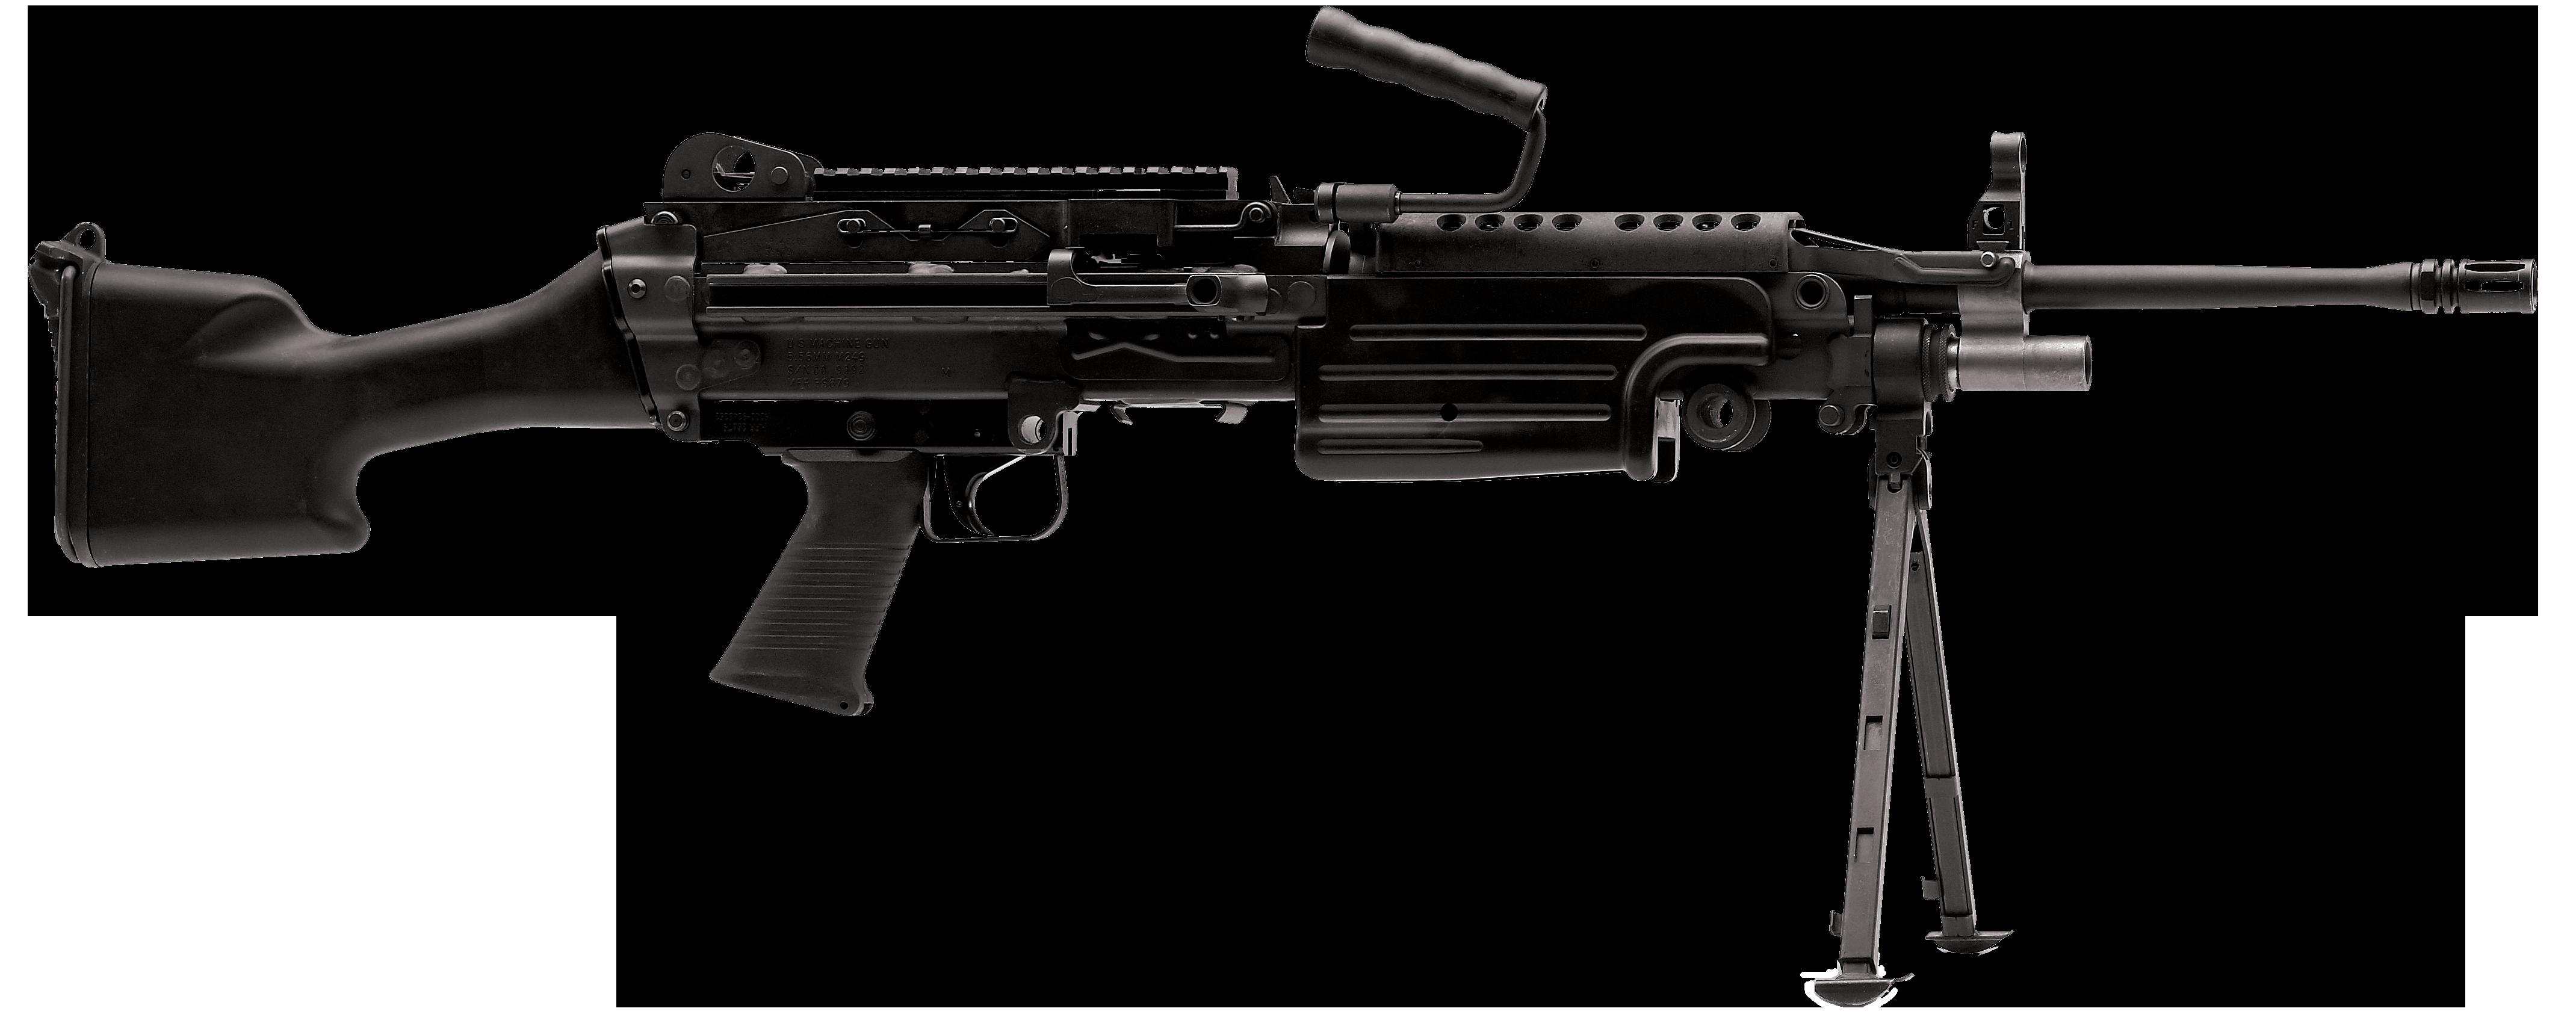 M249 SAW | Ghost Recon Wiki | FANDOM powered by Wikia